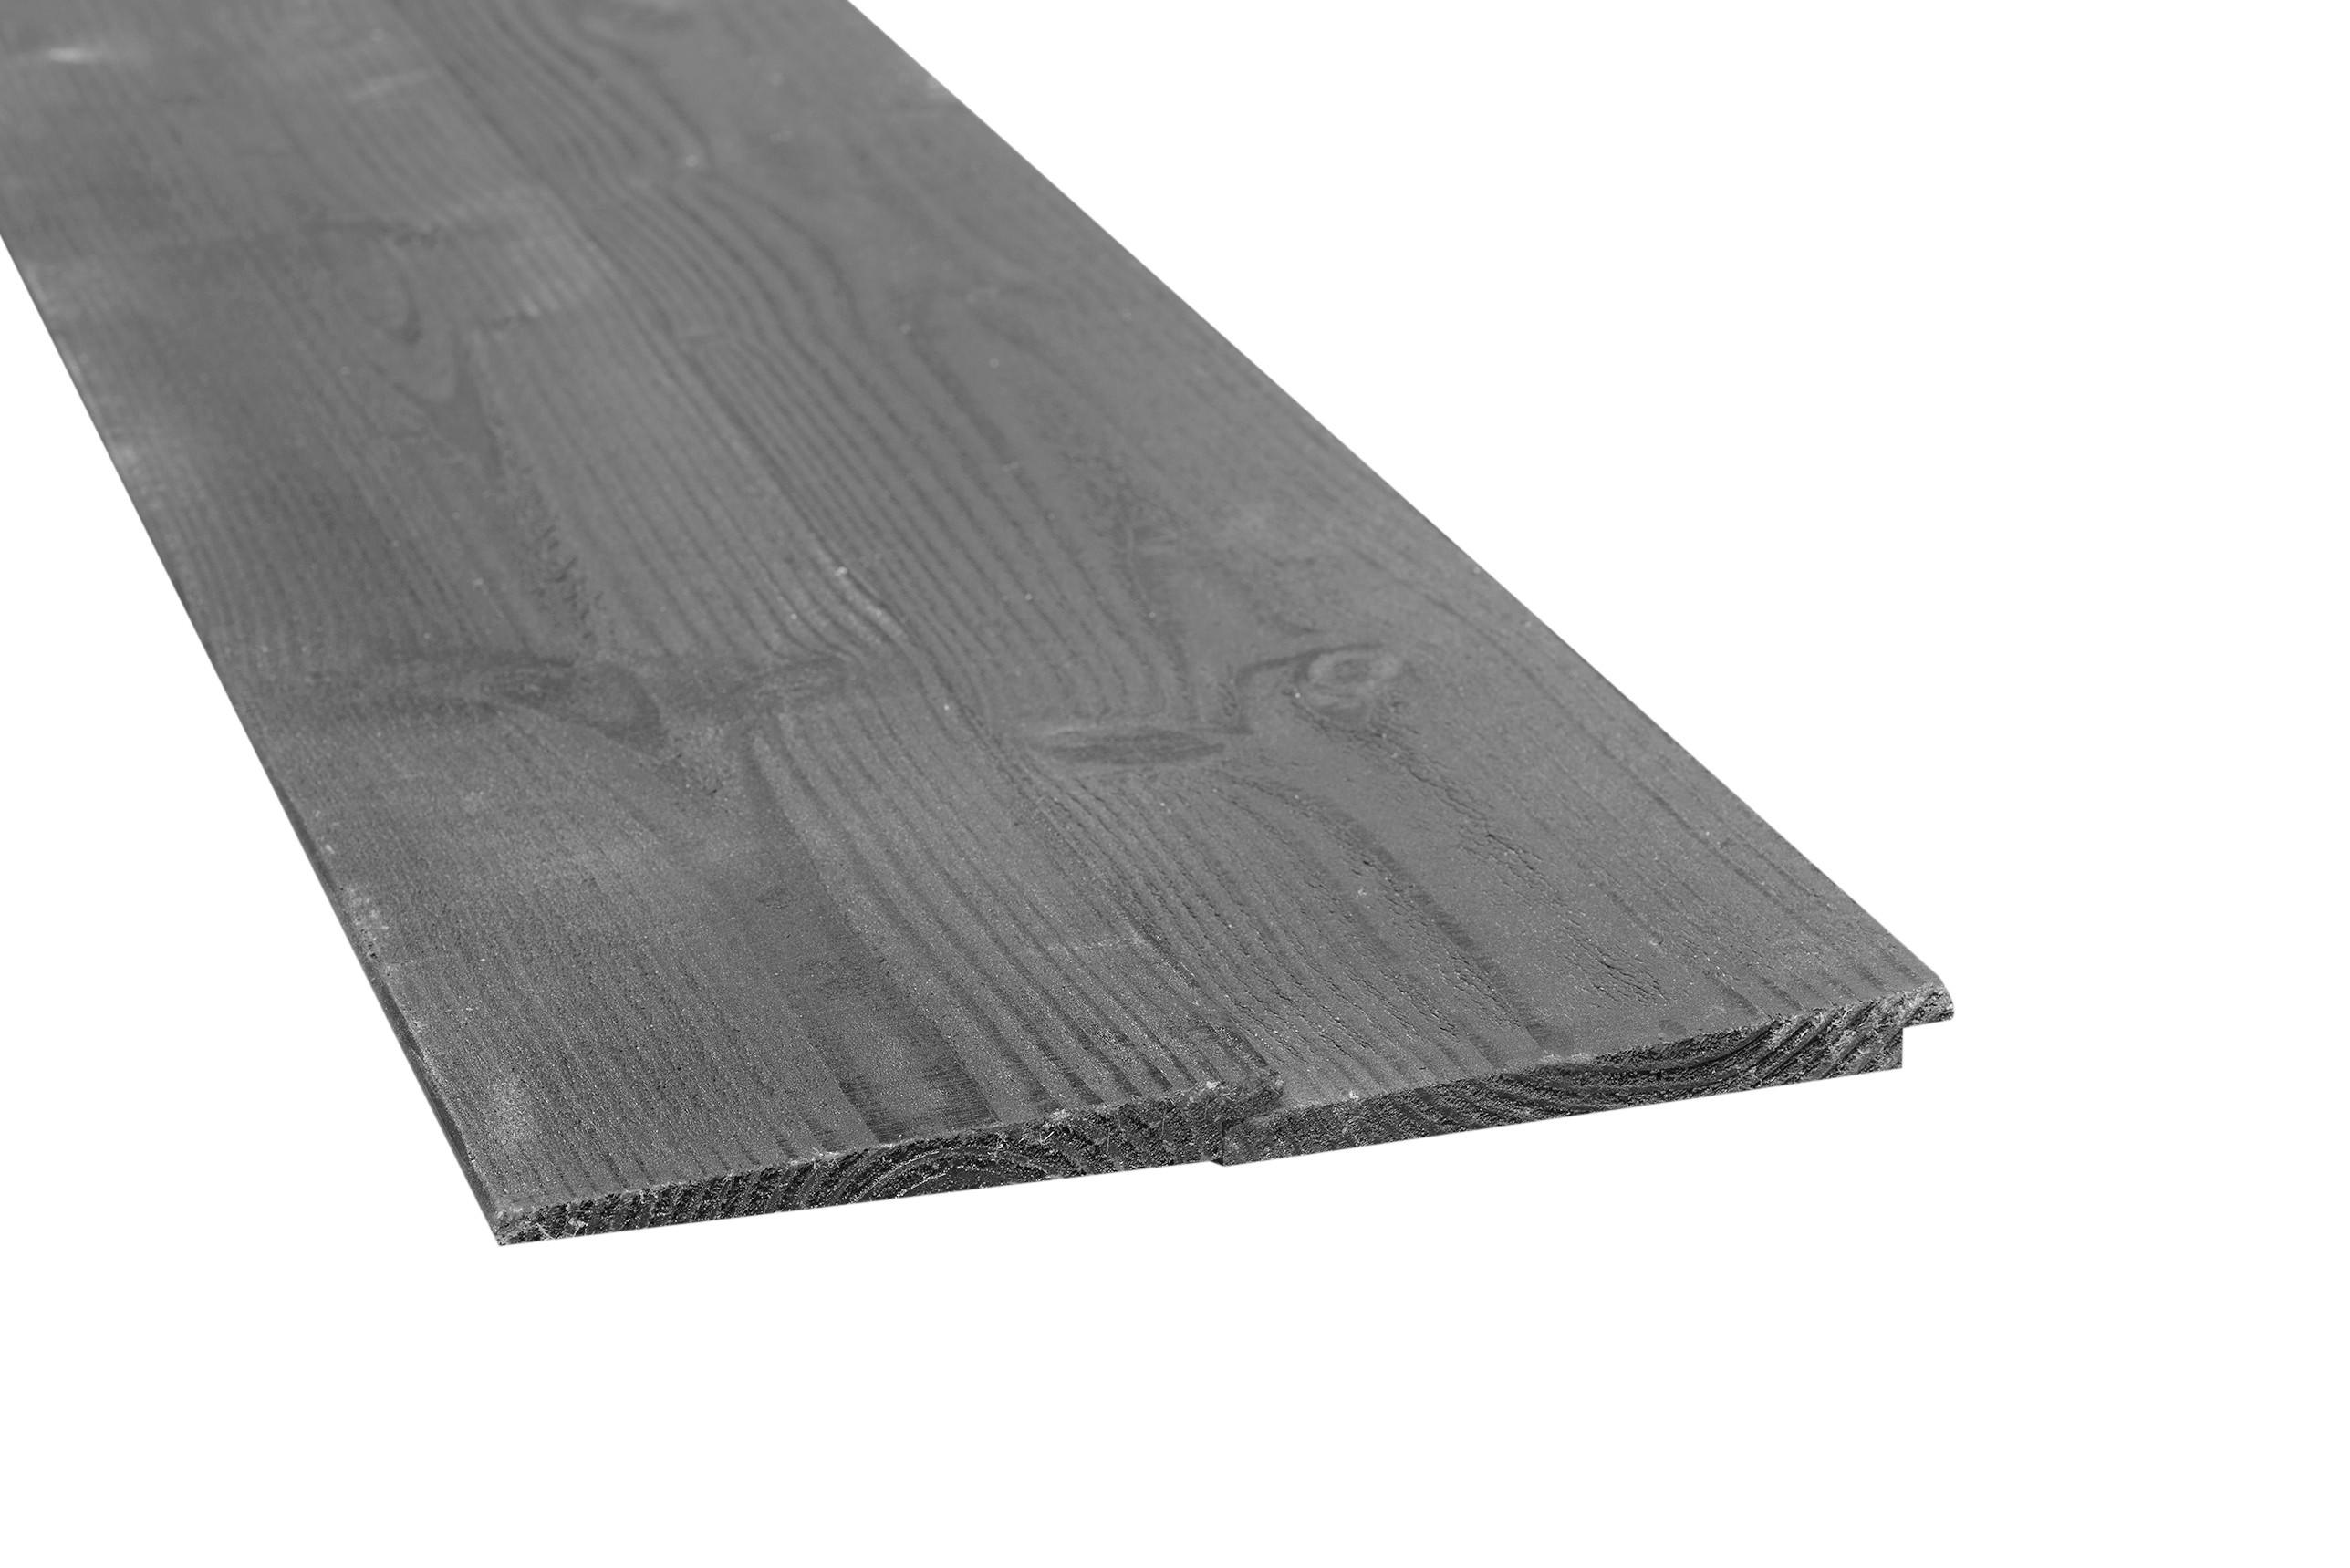 Douglas zweeds rabat donker grijs 22x185